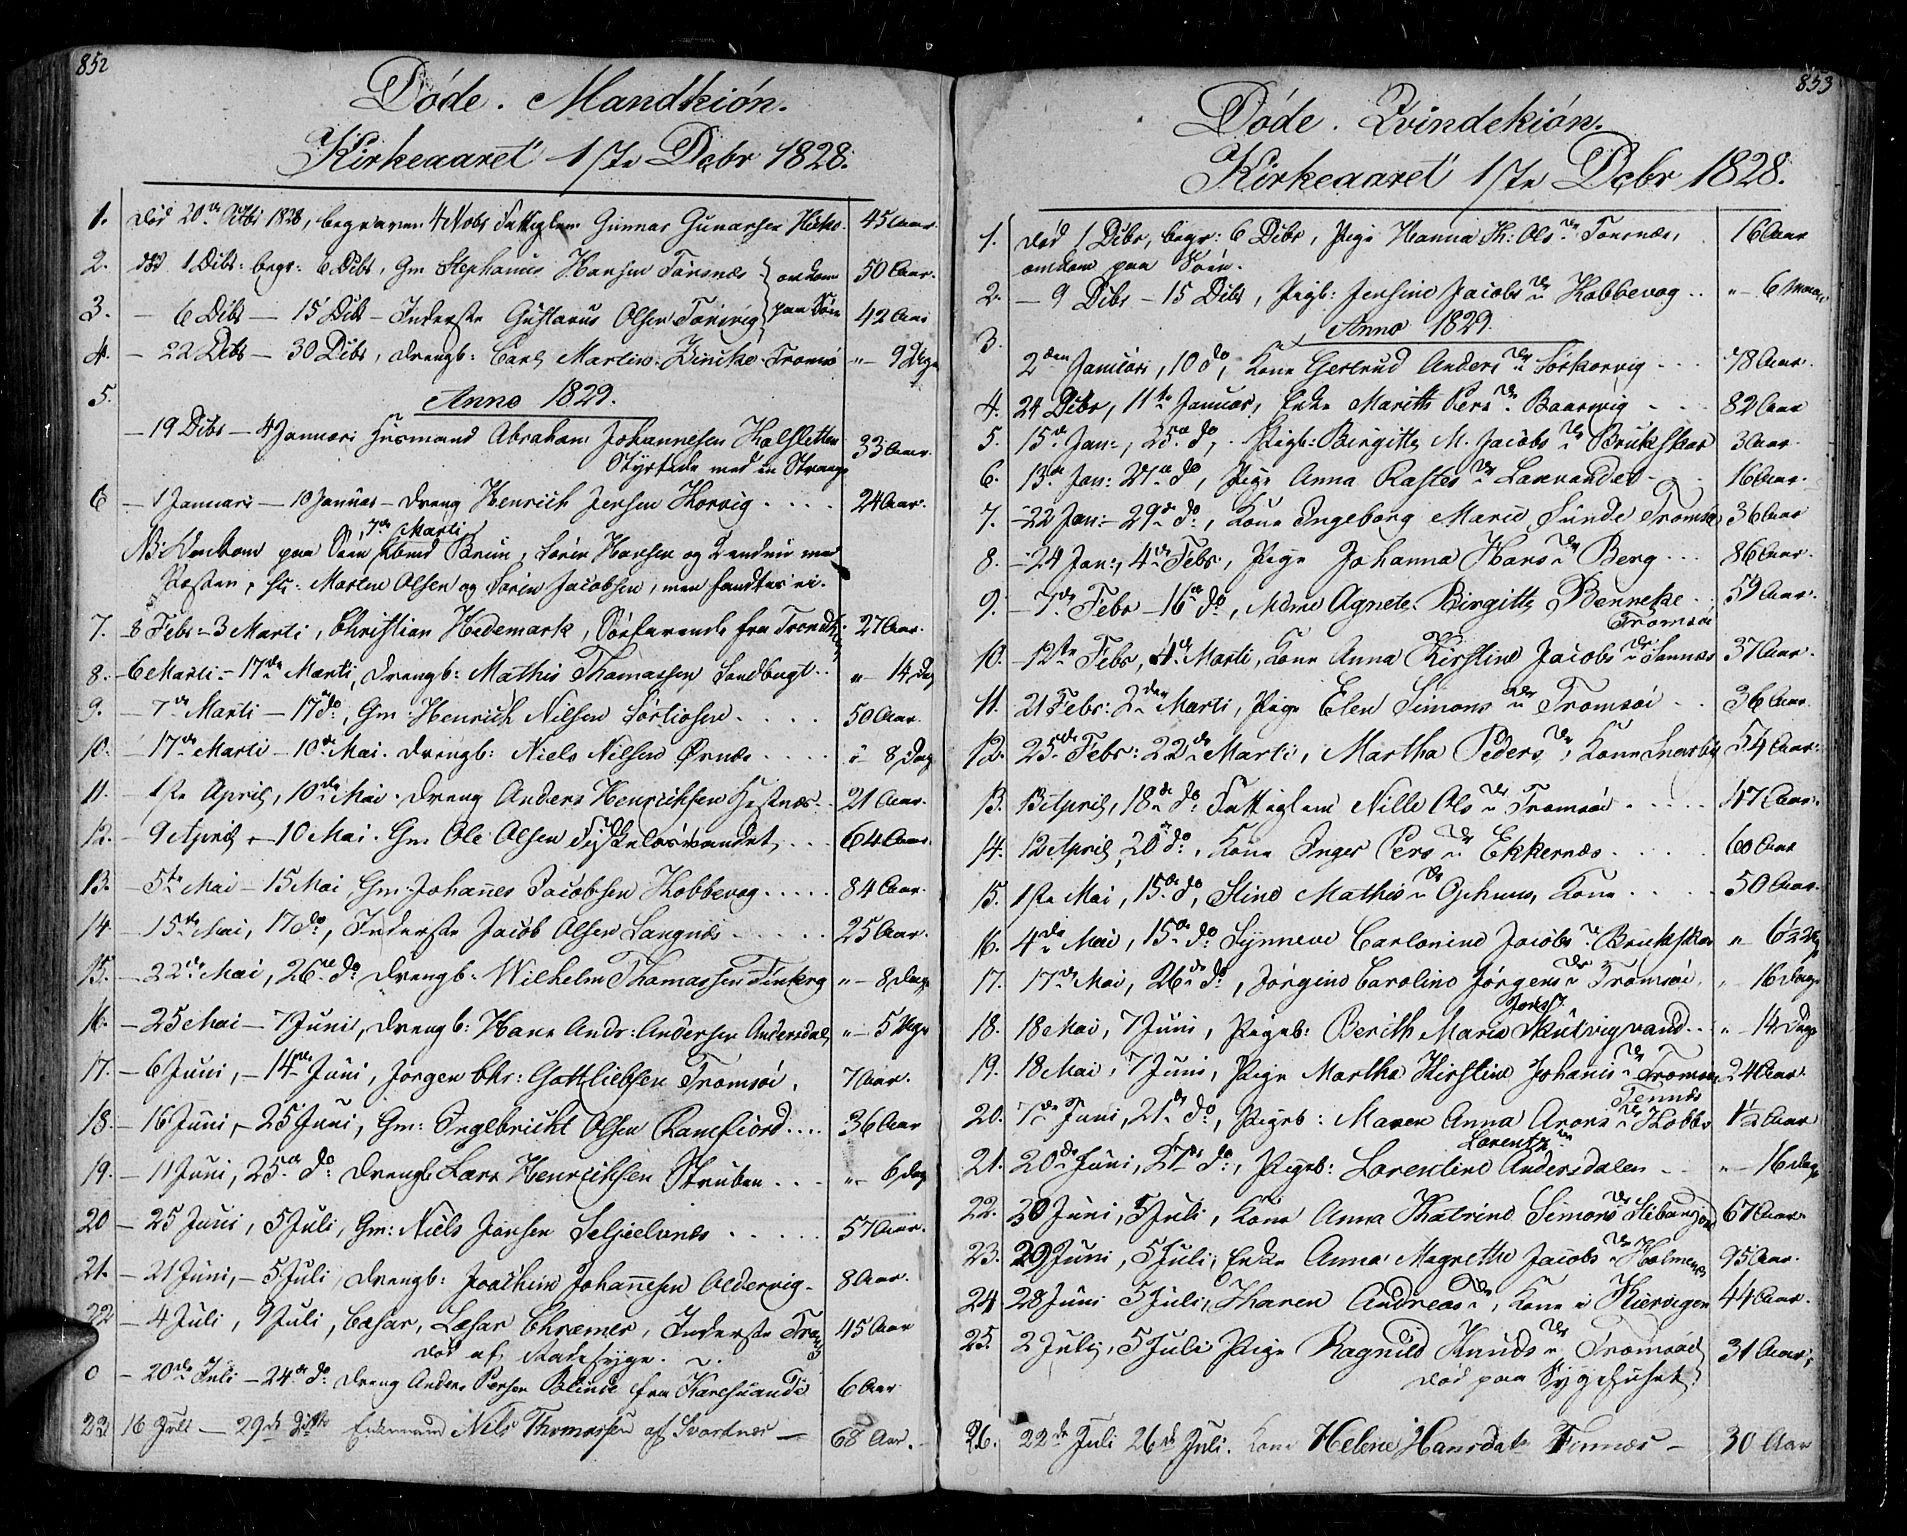 SATØ, Tromsø sokneprestkontor/stiftsprosti/domprosti, G/Ga/L0008kirke: Ministerialbok nr. 8, 1829-1837, s. 852-853